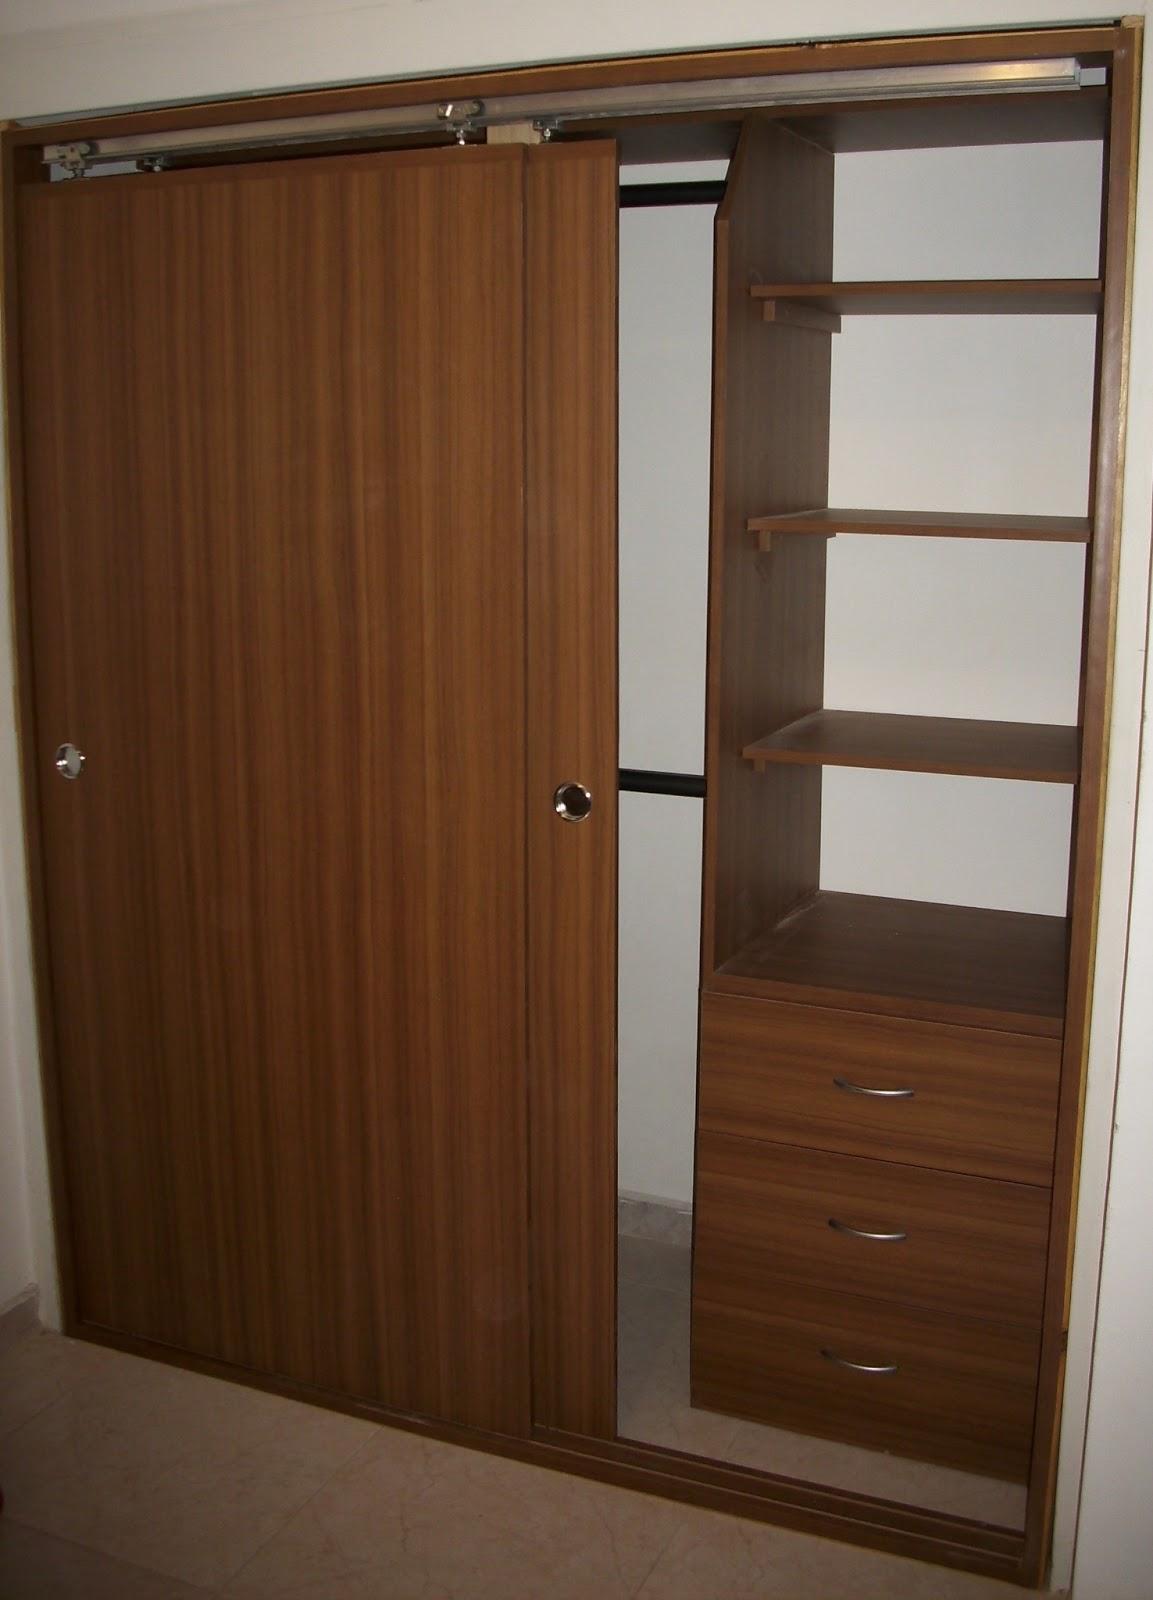 Melamina madera for Decoracion closet en madera